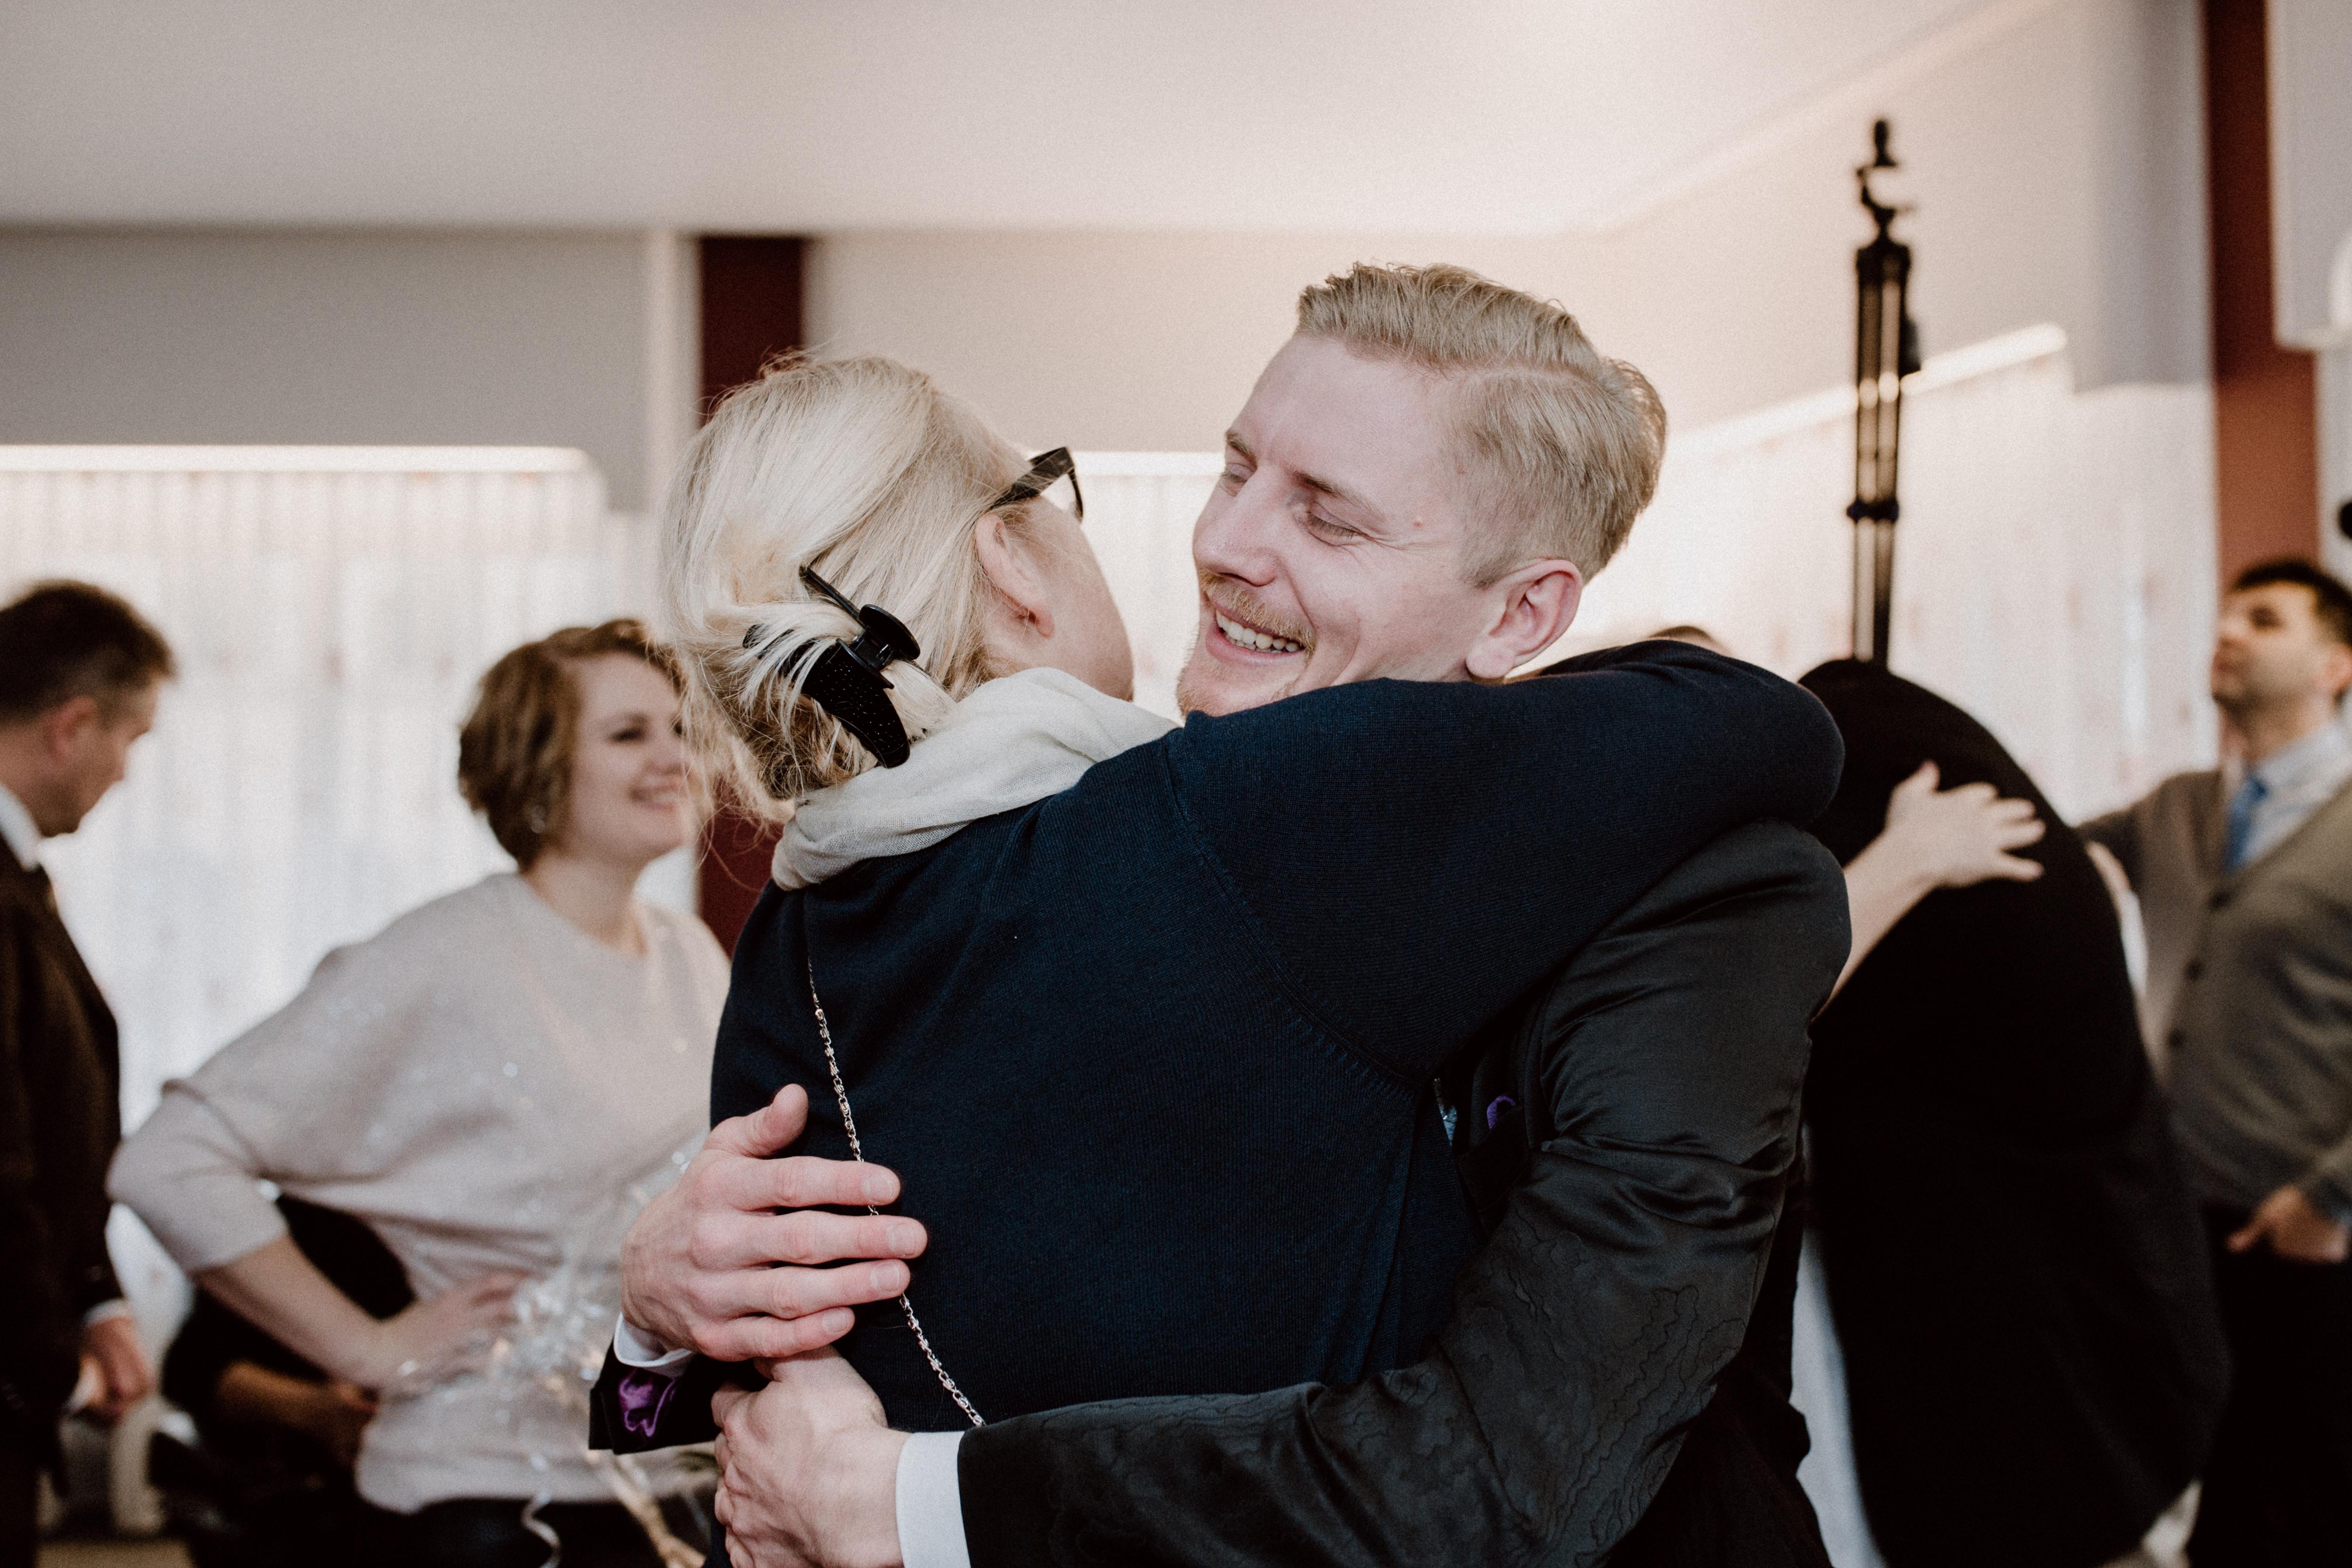 URBANERIE_Daniela_Goth_Hochzeitsfotografin_Nürnberg_Fürth_Erlangen_Schwabach_171110_0185